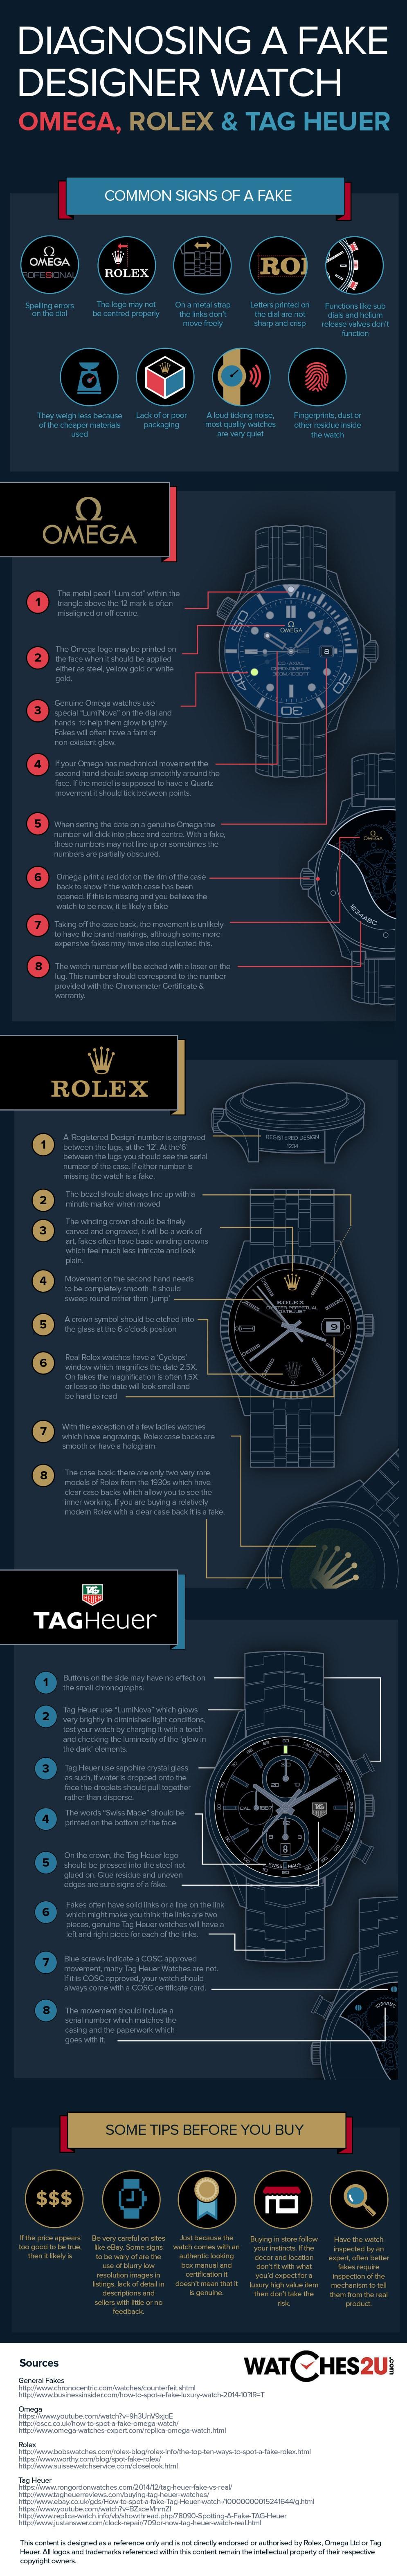 Spotting fałszywy Rolex, Omega lub TAG Heuer Watch, infografikę